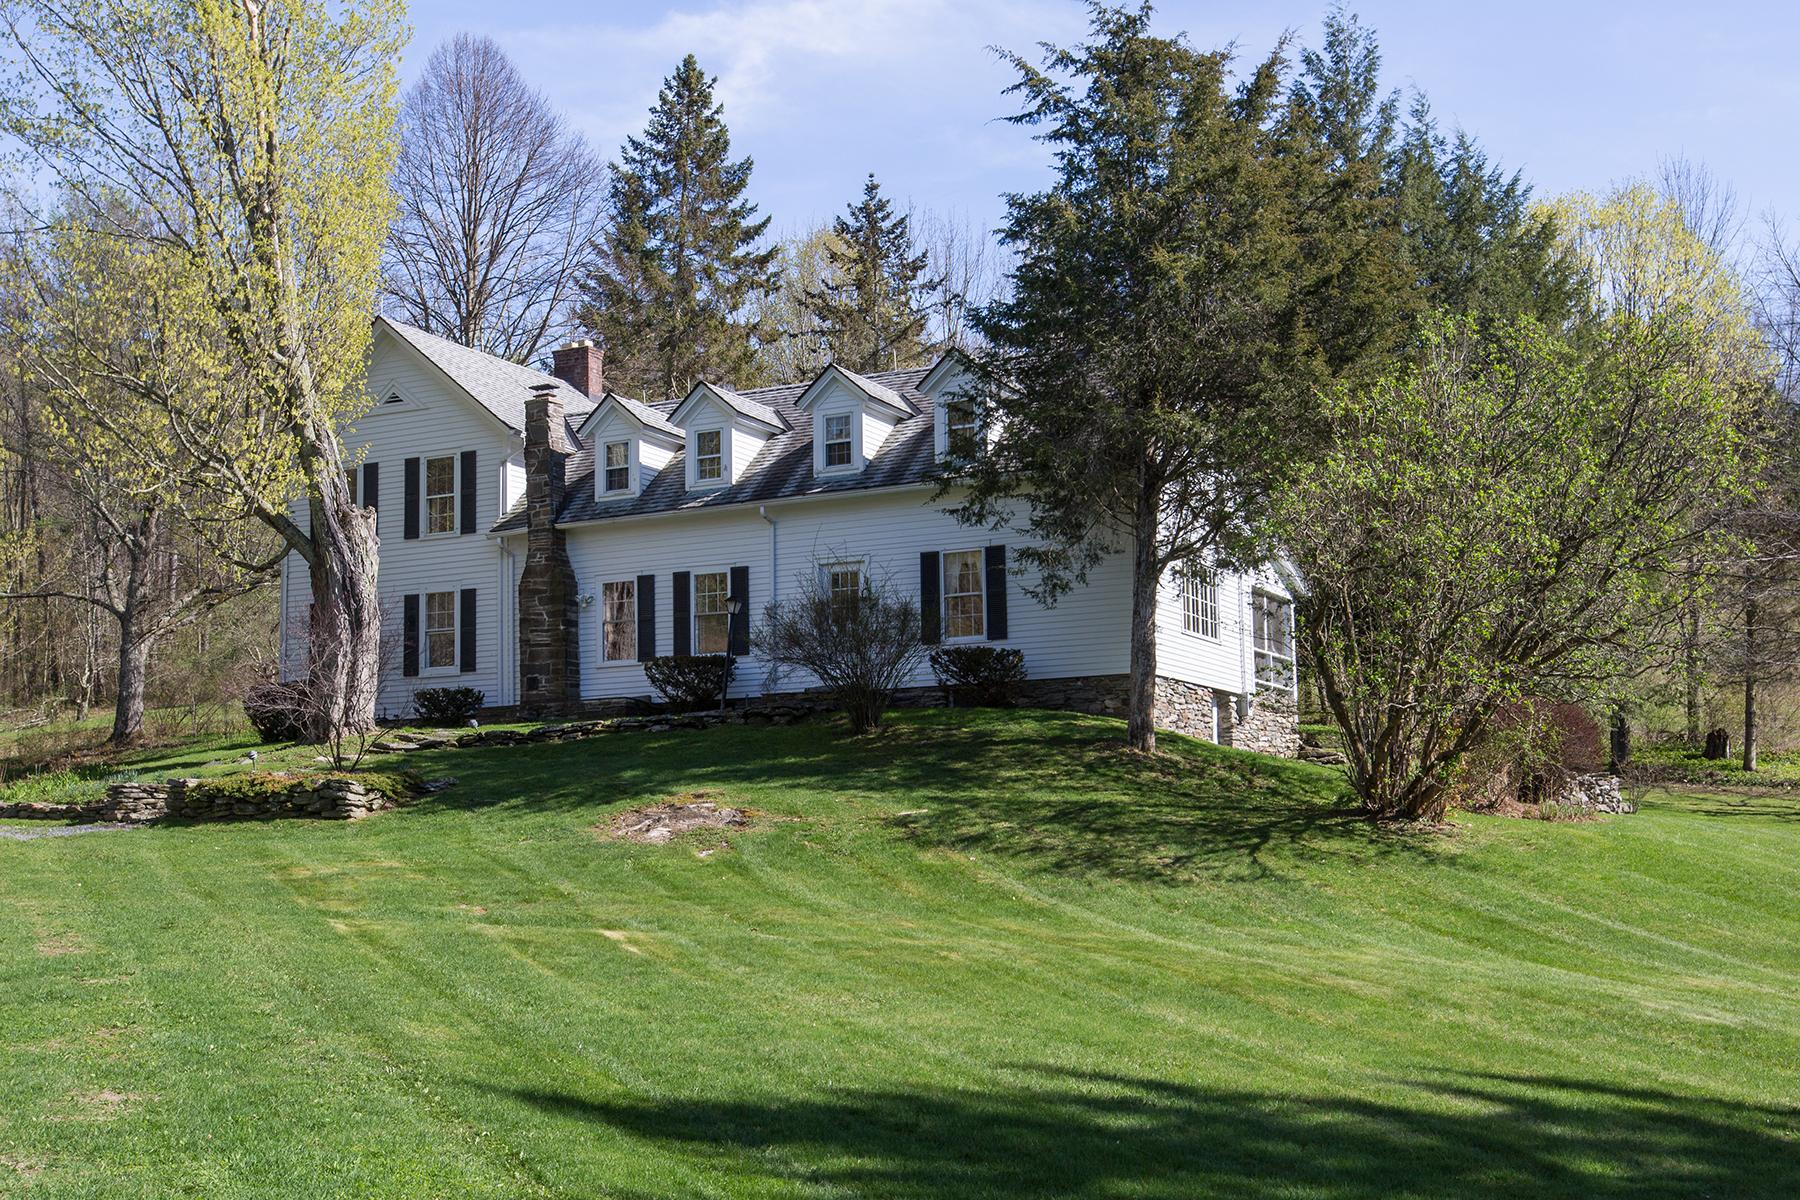 Частный односемейный дом для того Продажа на Butternut Farm 359 Mckie Hollow Rd Cambridge, Нью-Йорк 12816 Соединенные Штаты